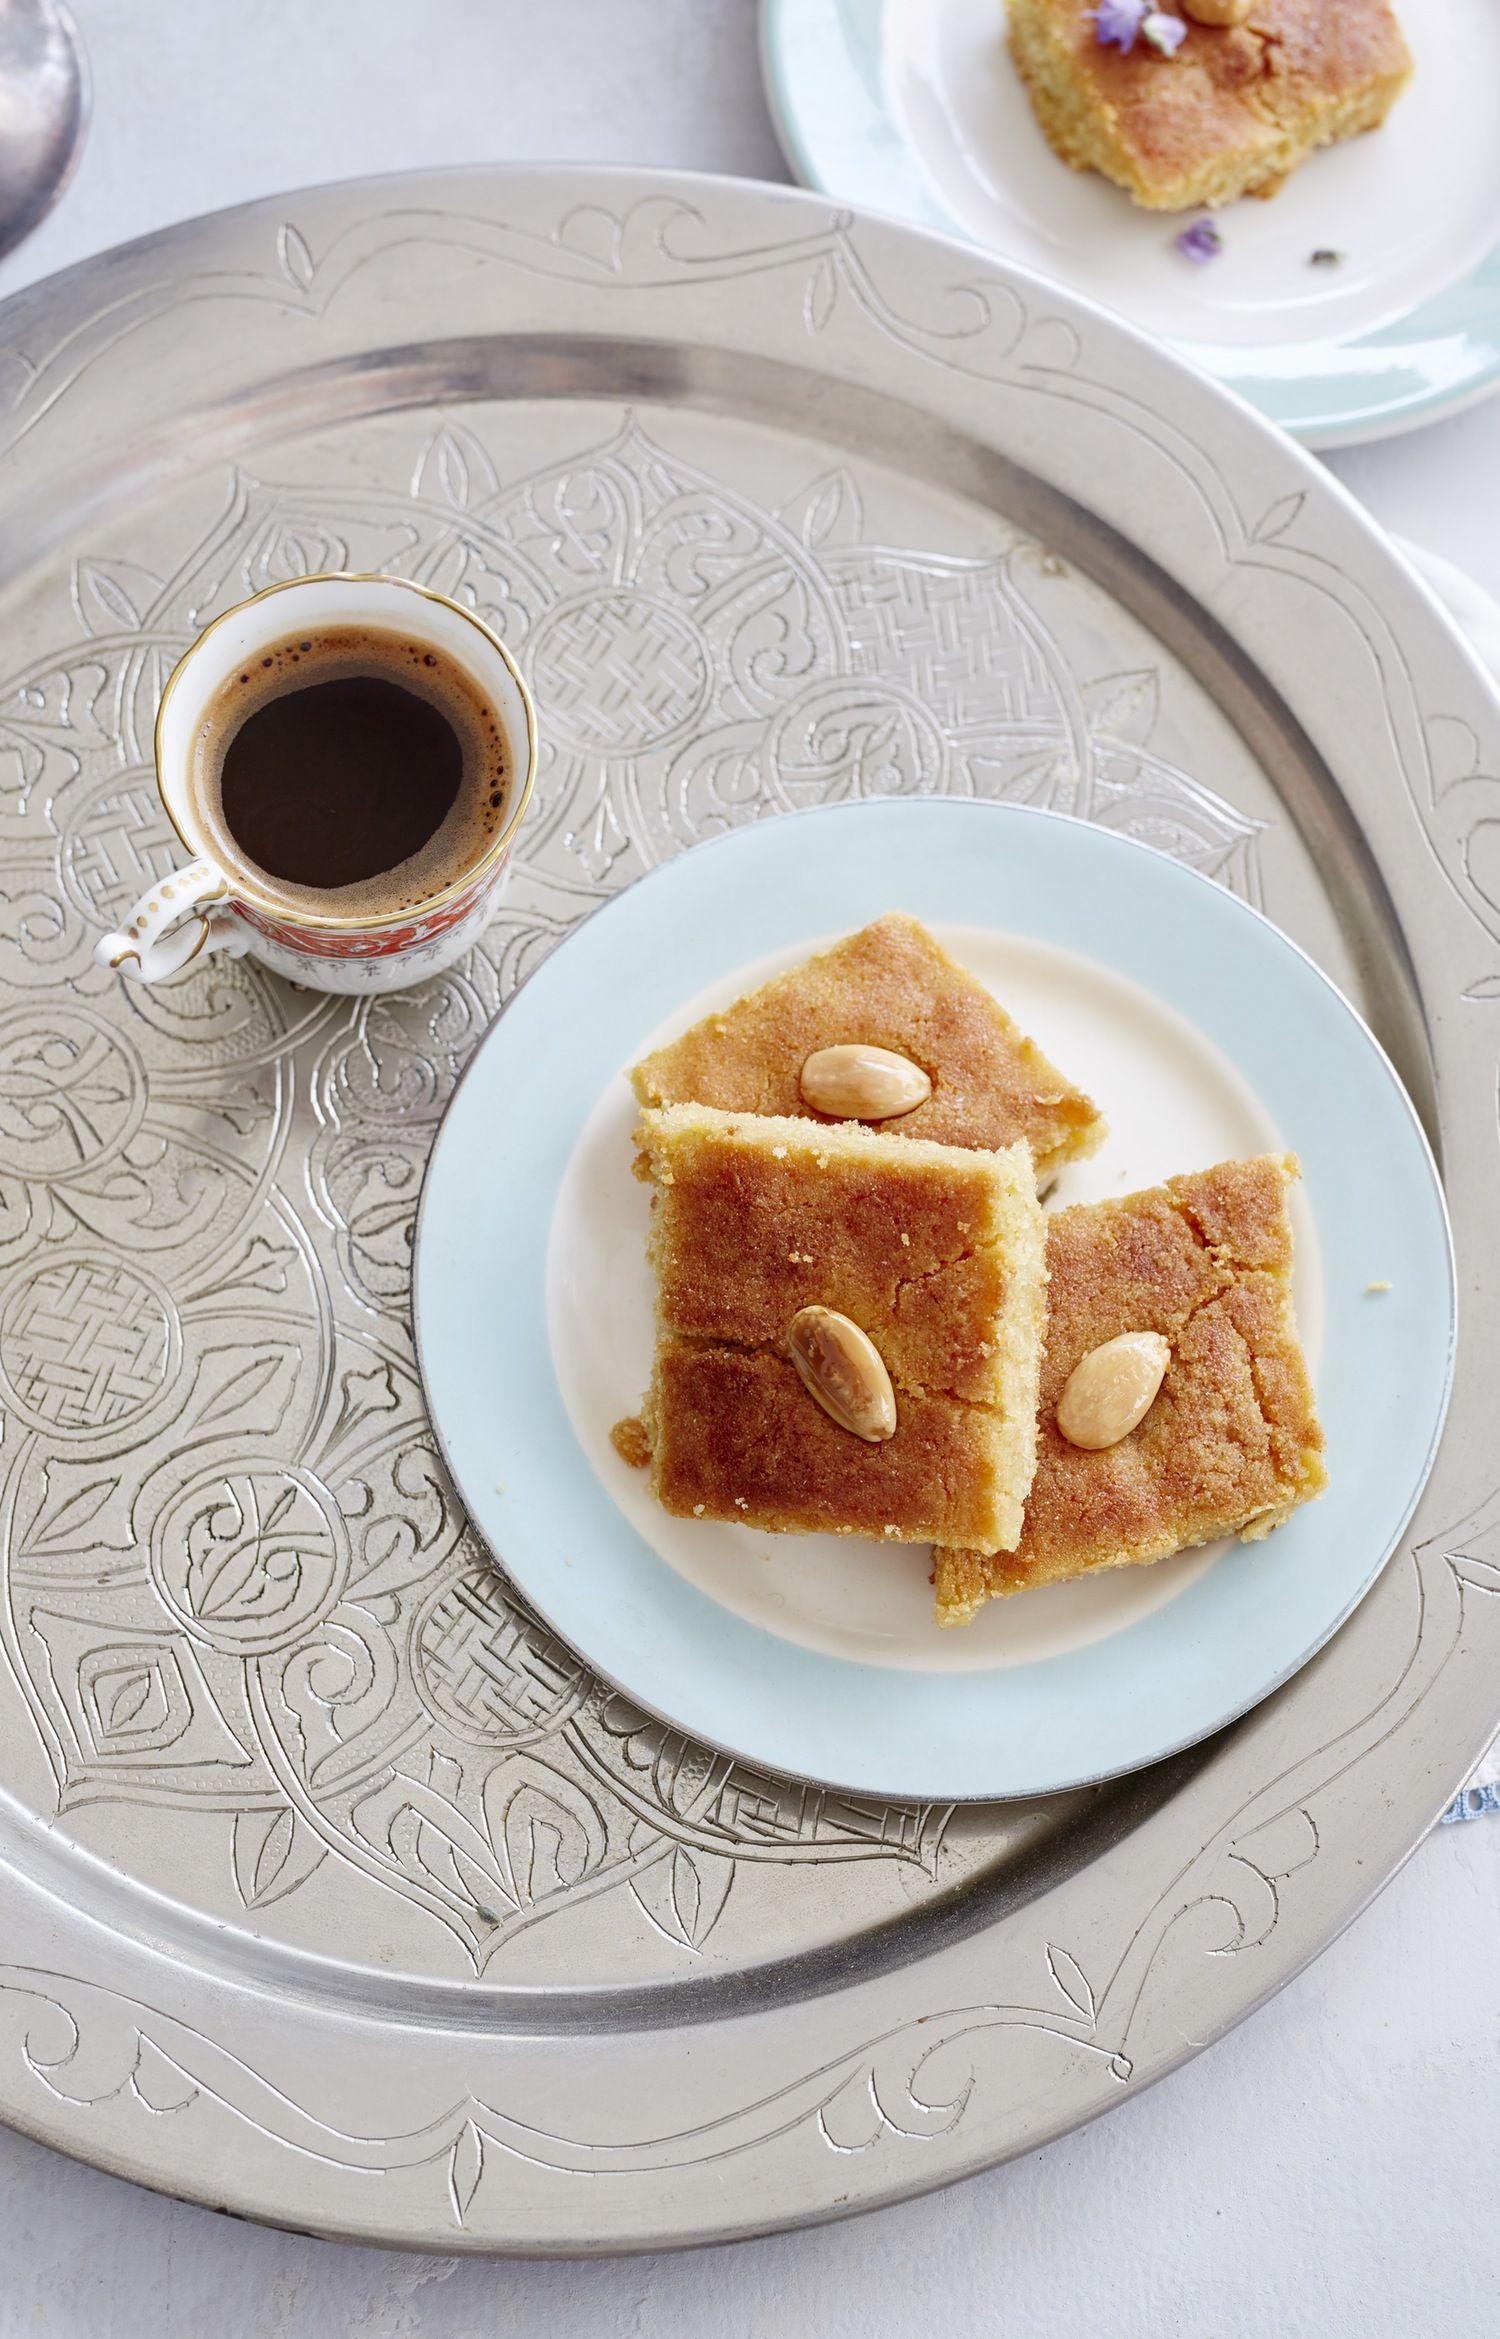 Best Lebanon Eid Al-Fitr Food - fd0ddb7b8e7fe8002402de4d9b042f6b  Pic_146558 .jpg